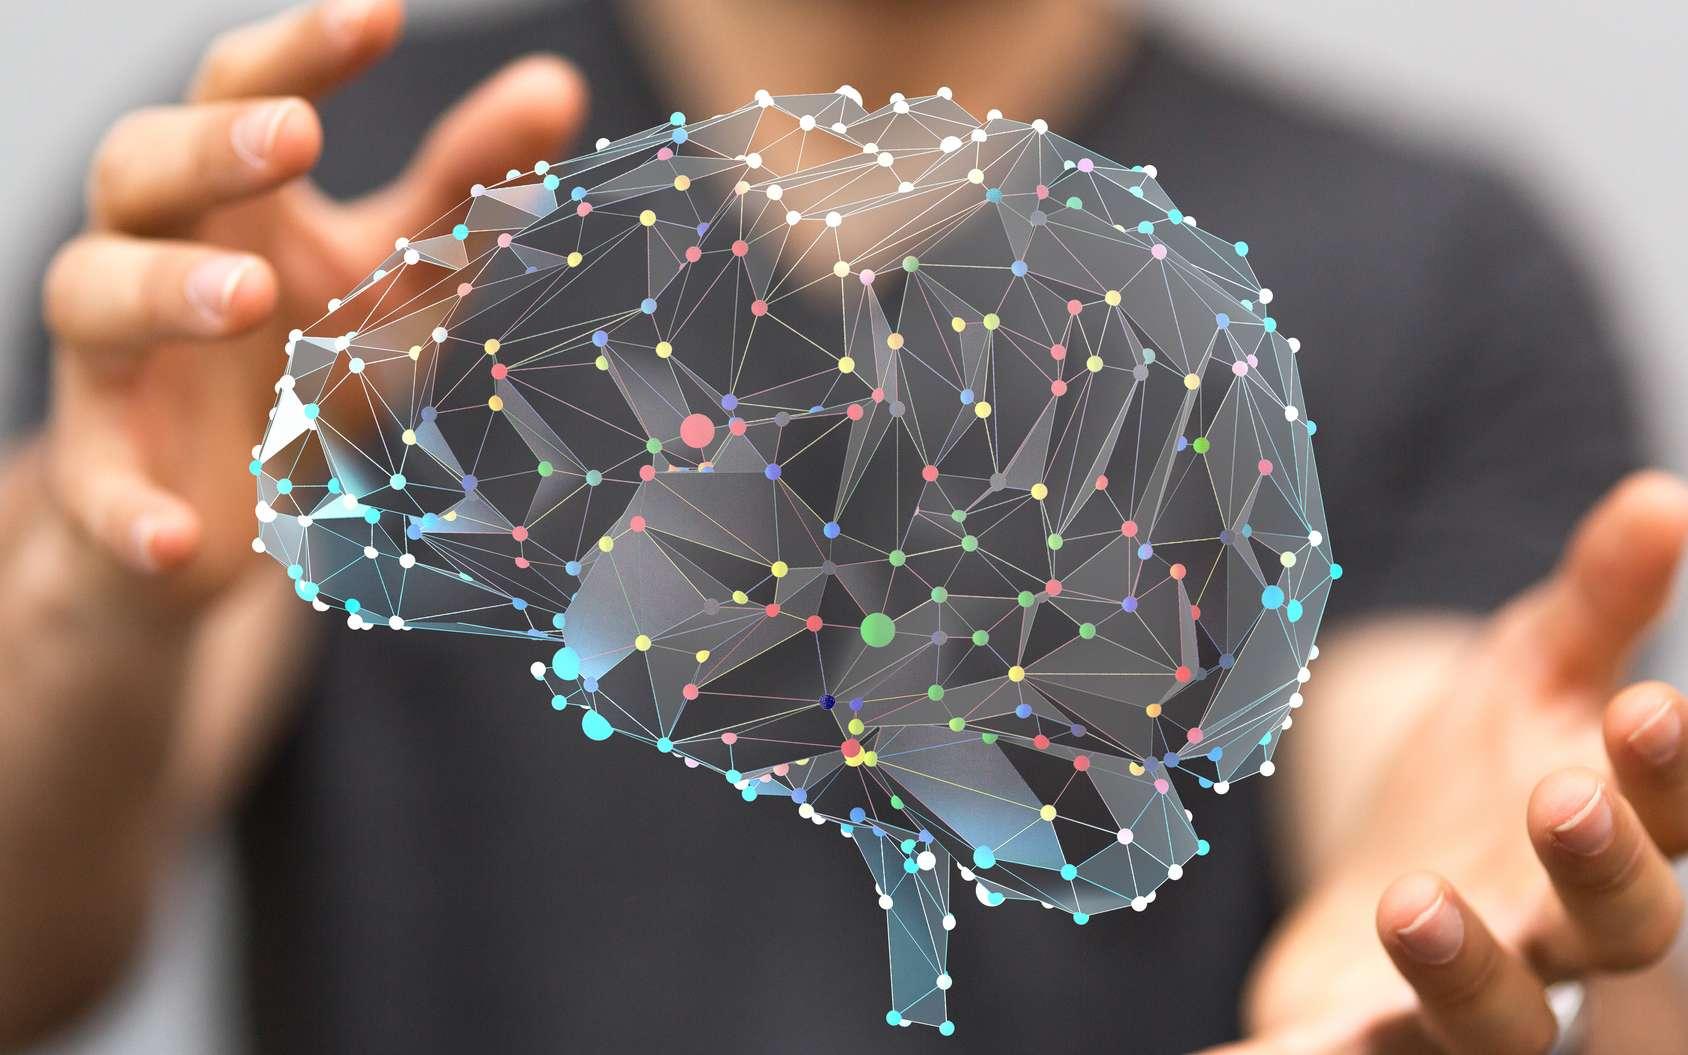 La Semaine du cerveau, c'est l'occasion de rencontrer des spécialistes des neurosciences qui étudient l'organe le plus complexe de notre corps. © vege, Fotolia